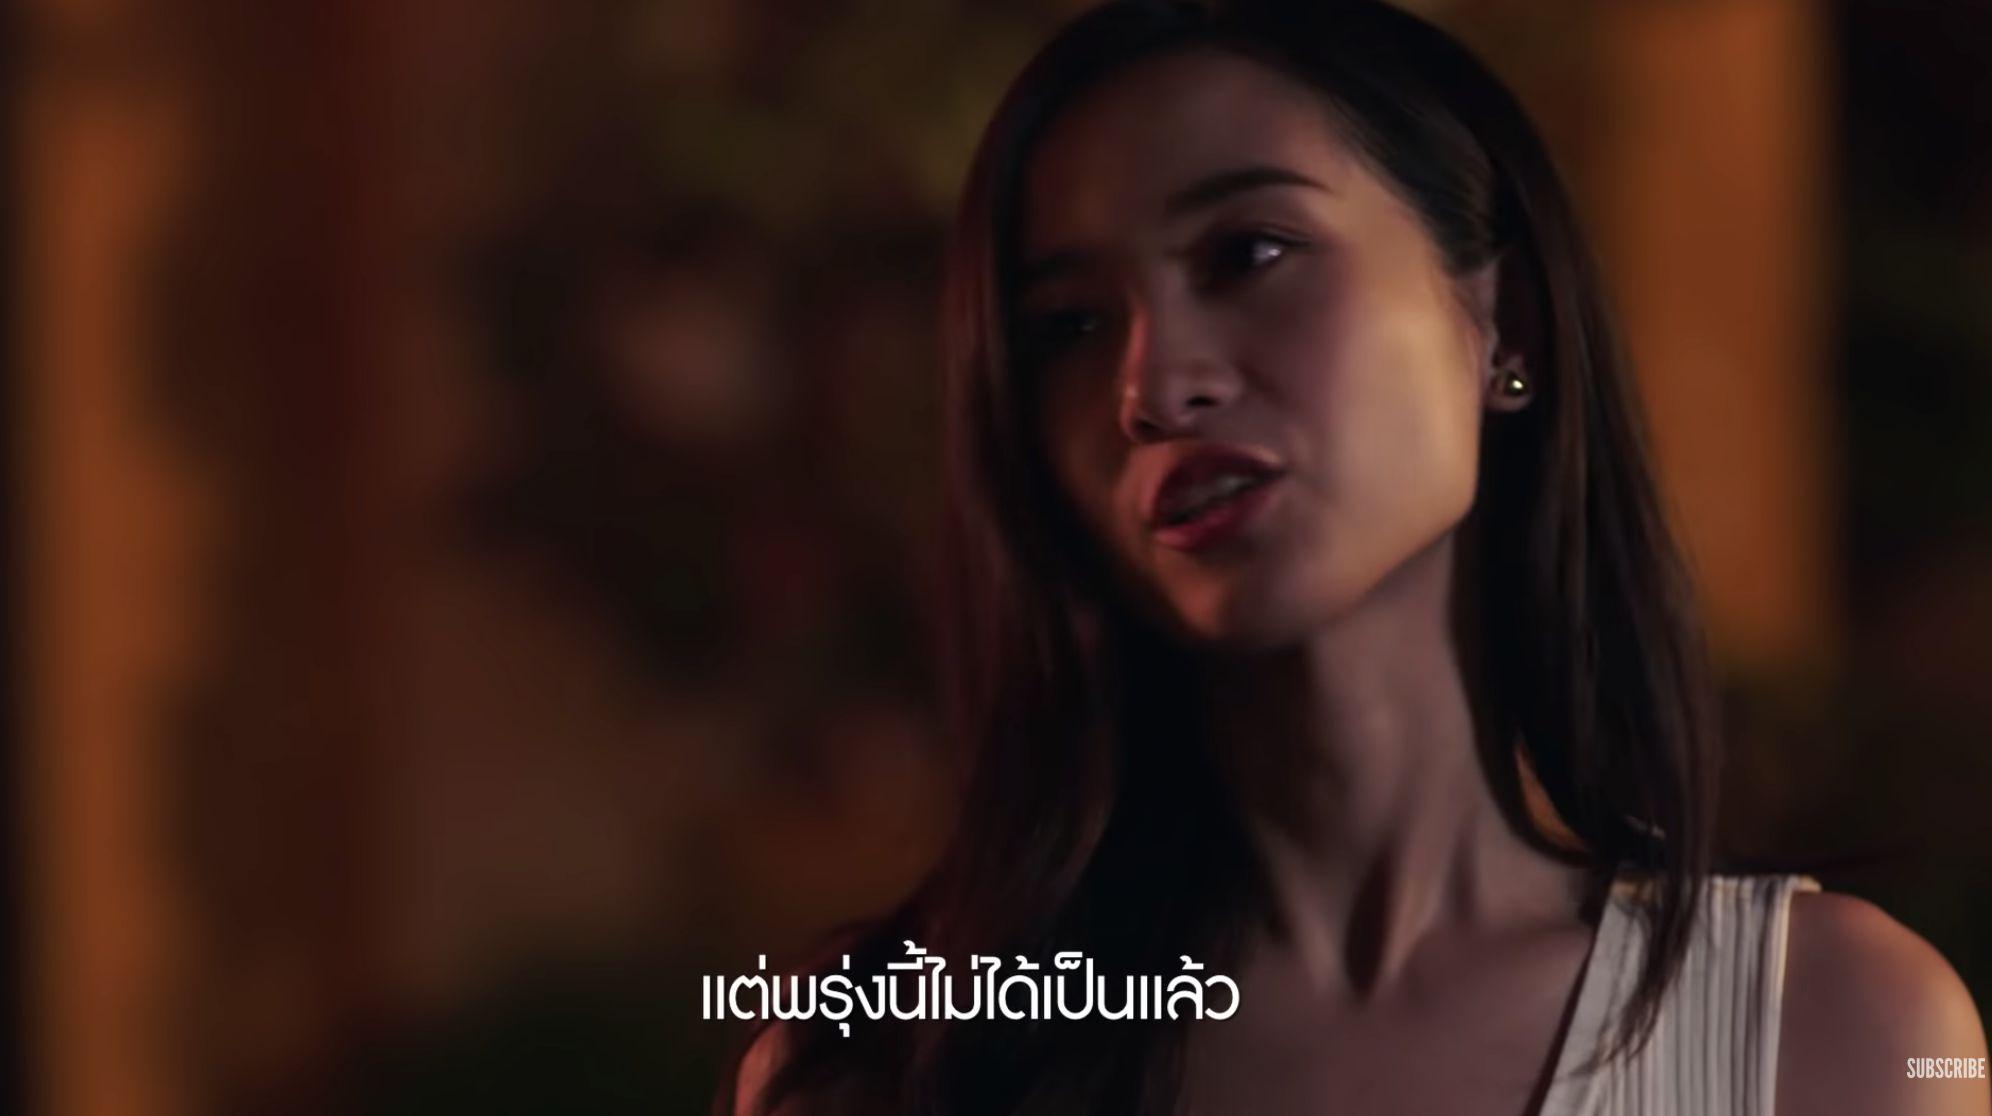 vPhim Wolf (Trò Chơi Săn Người) Thái Lan hút khán giả ngay khi lên sóng (5)